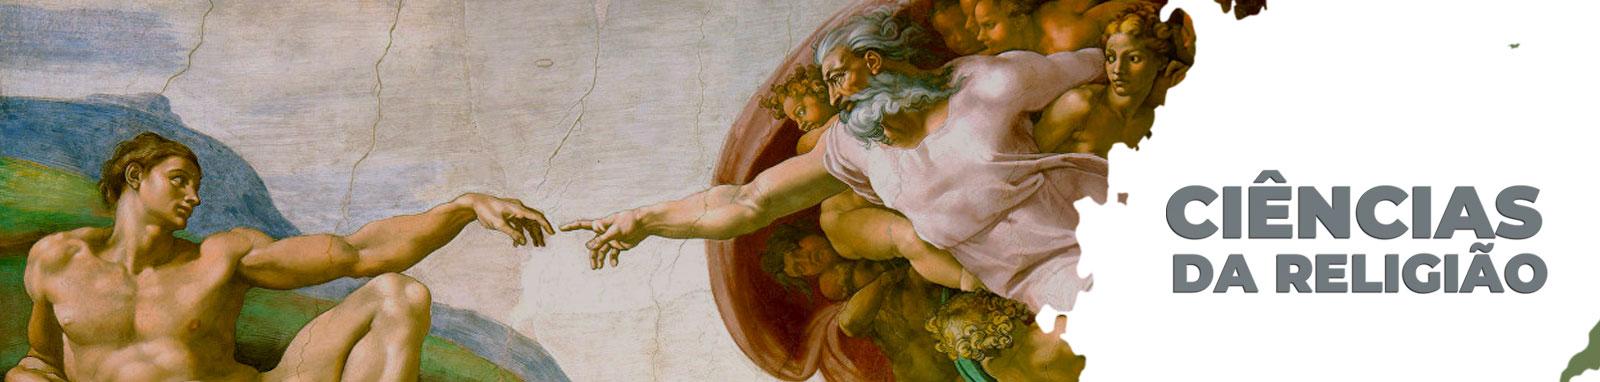 Ciências da Religião